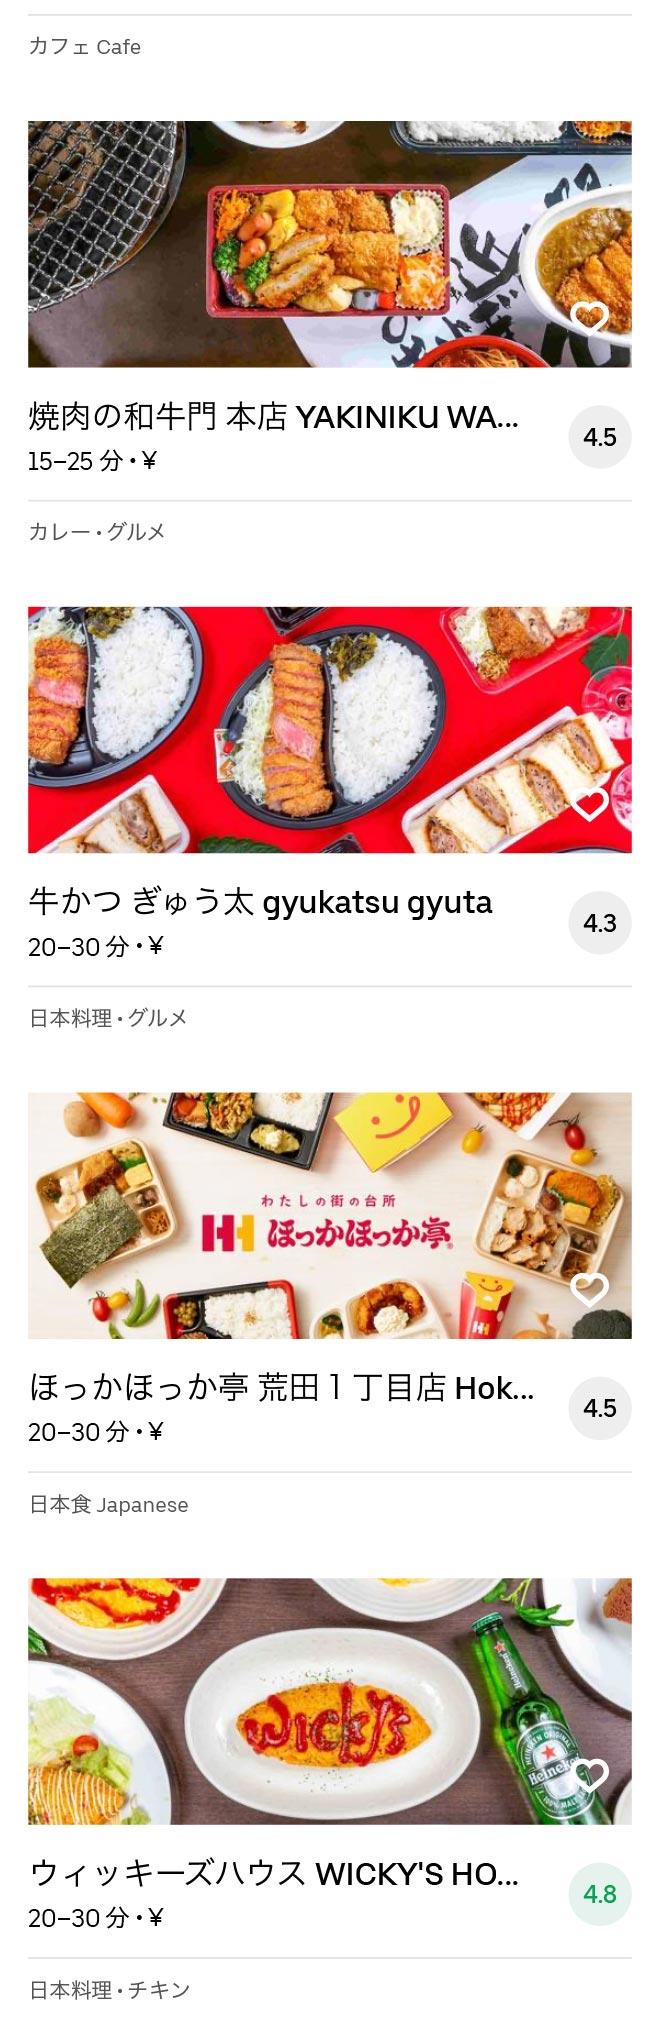 Tenmonkan menu 2009 3